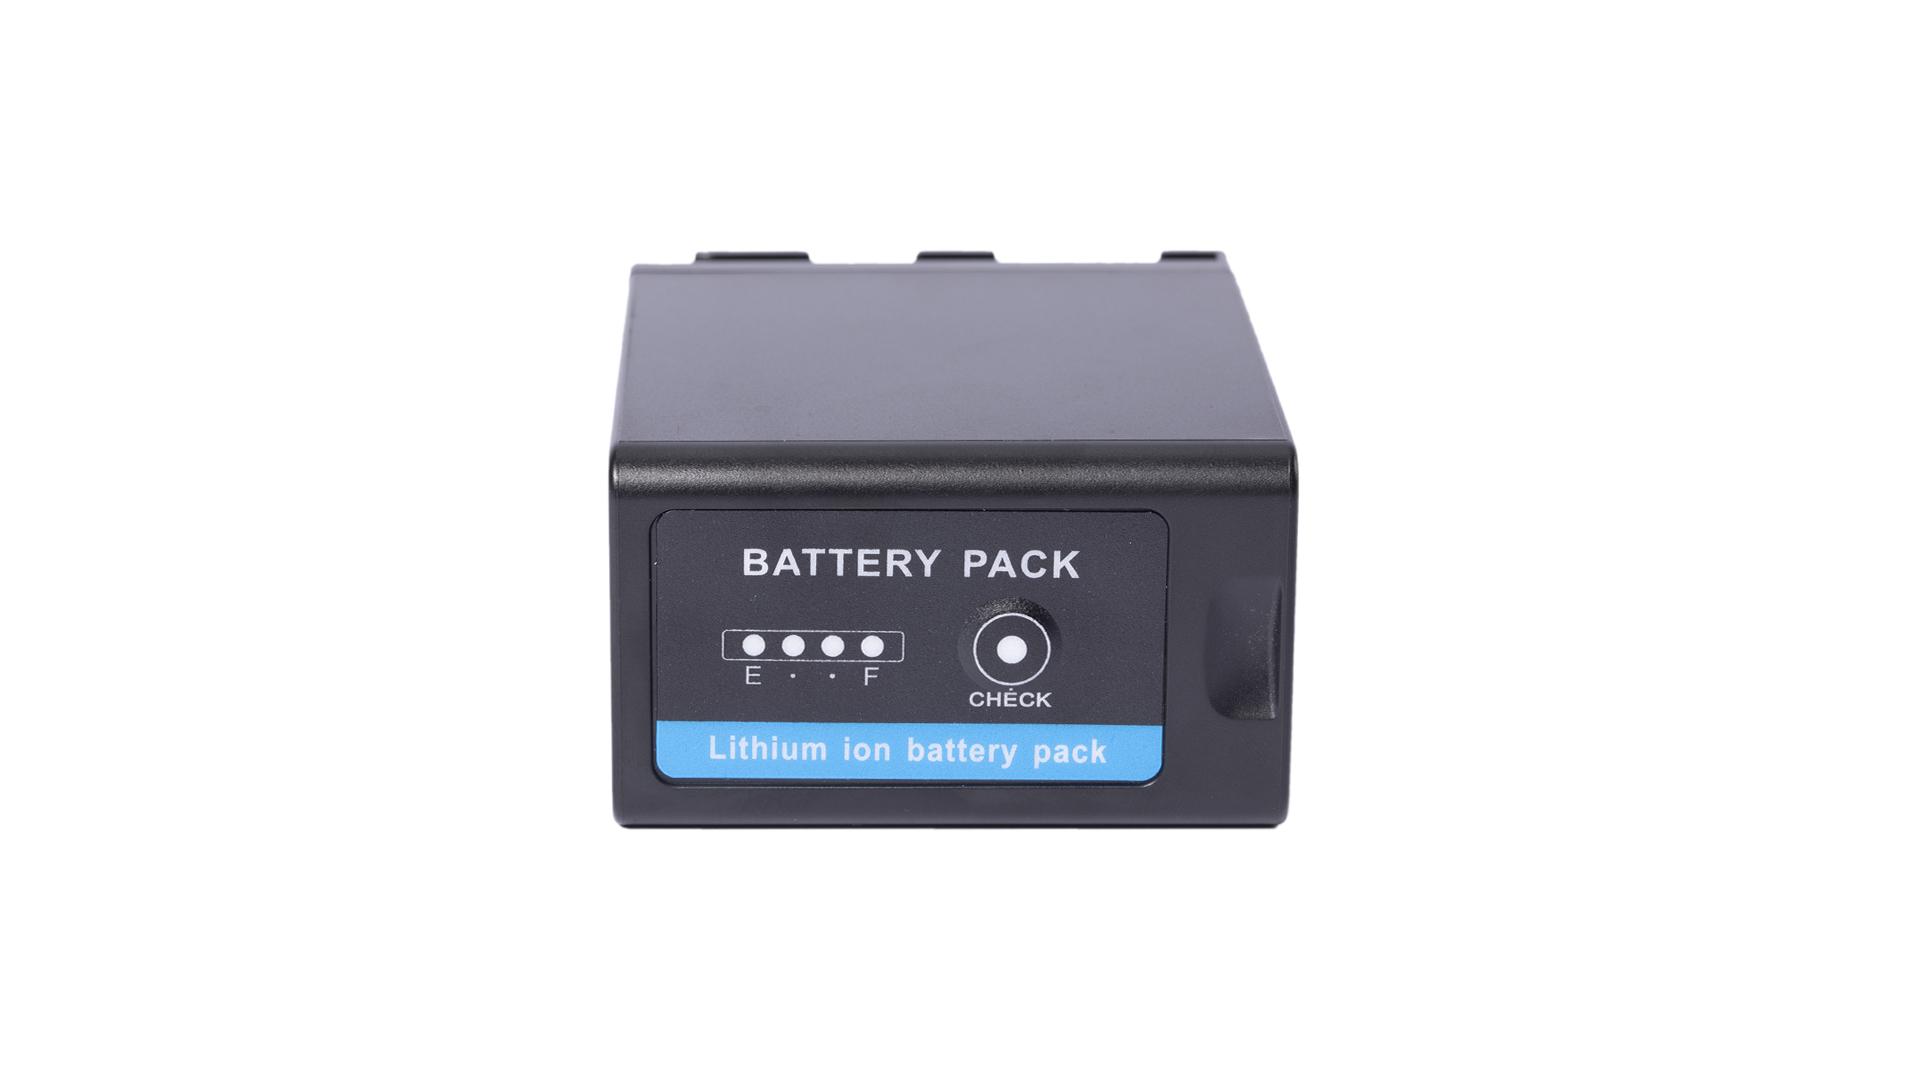 BRD_BPA60_Batteria BP-A60 14.4V 5200mAh per Canon C200/C300